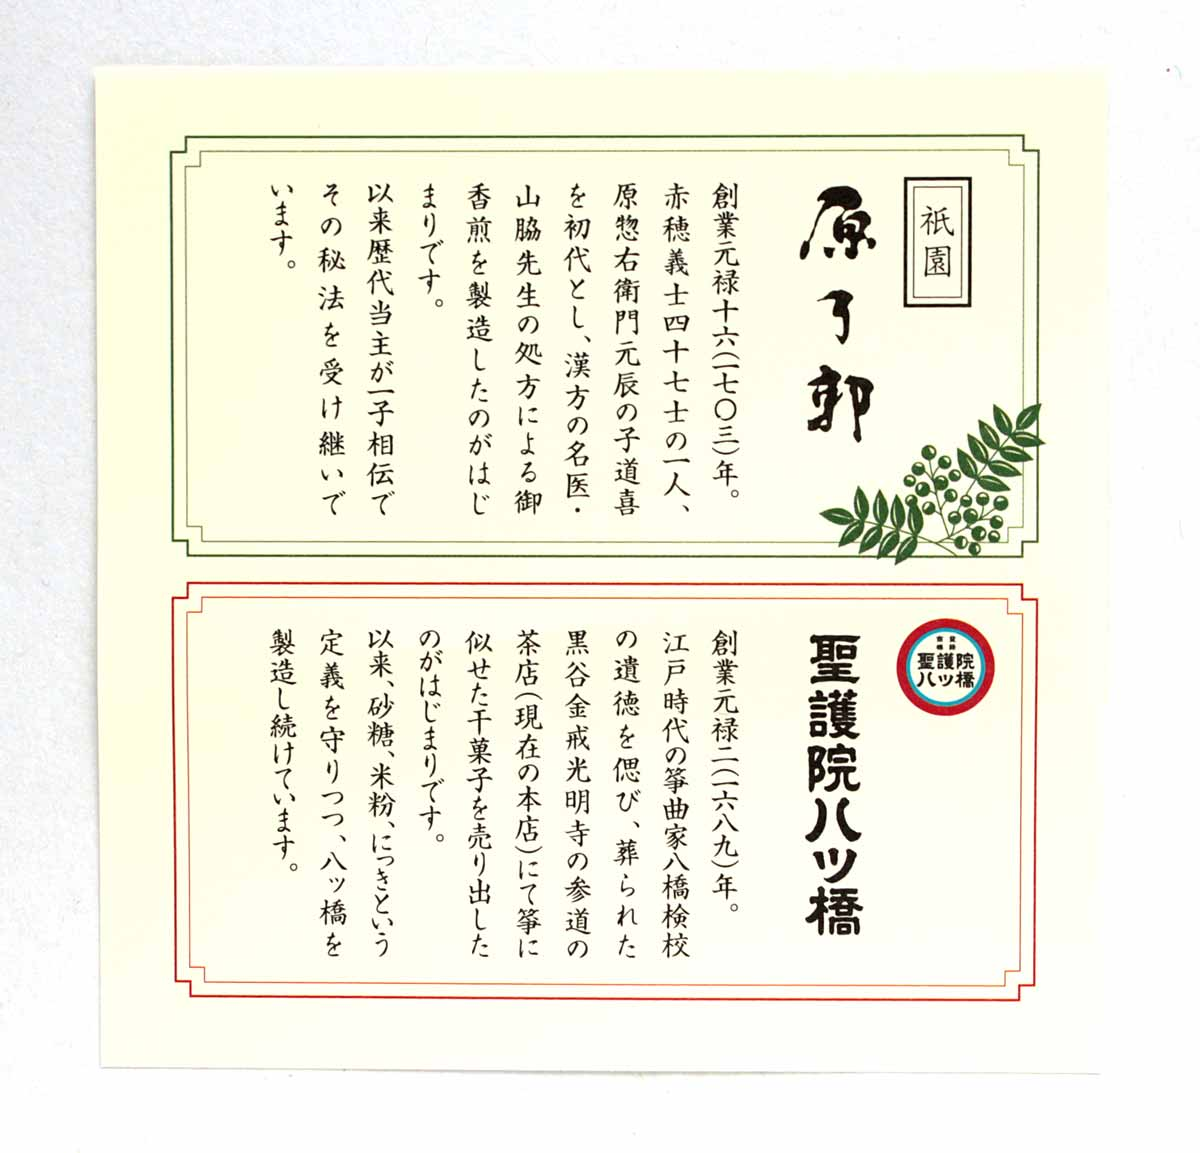 聖(山椒)は聖護院八ッ橋総本店と原了郭のコラボ商品